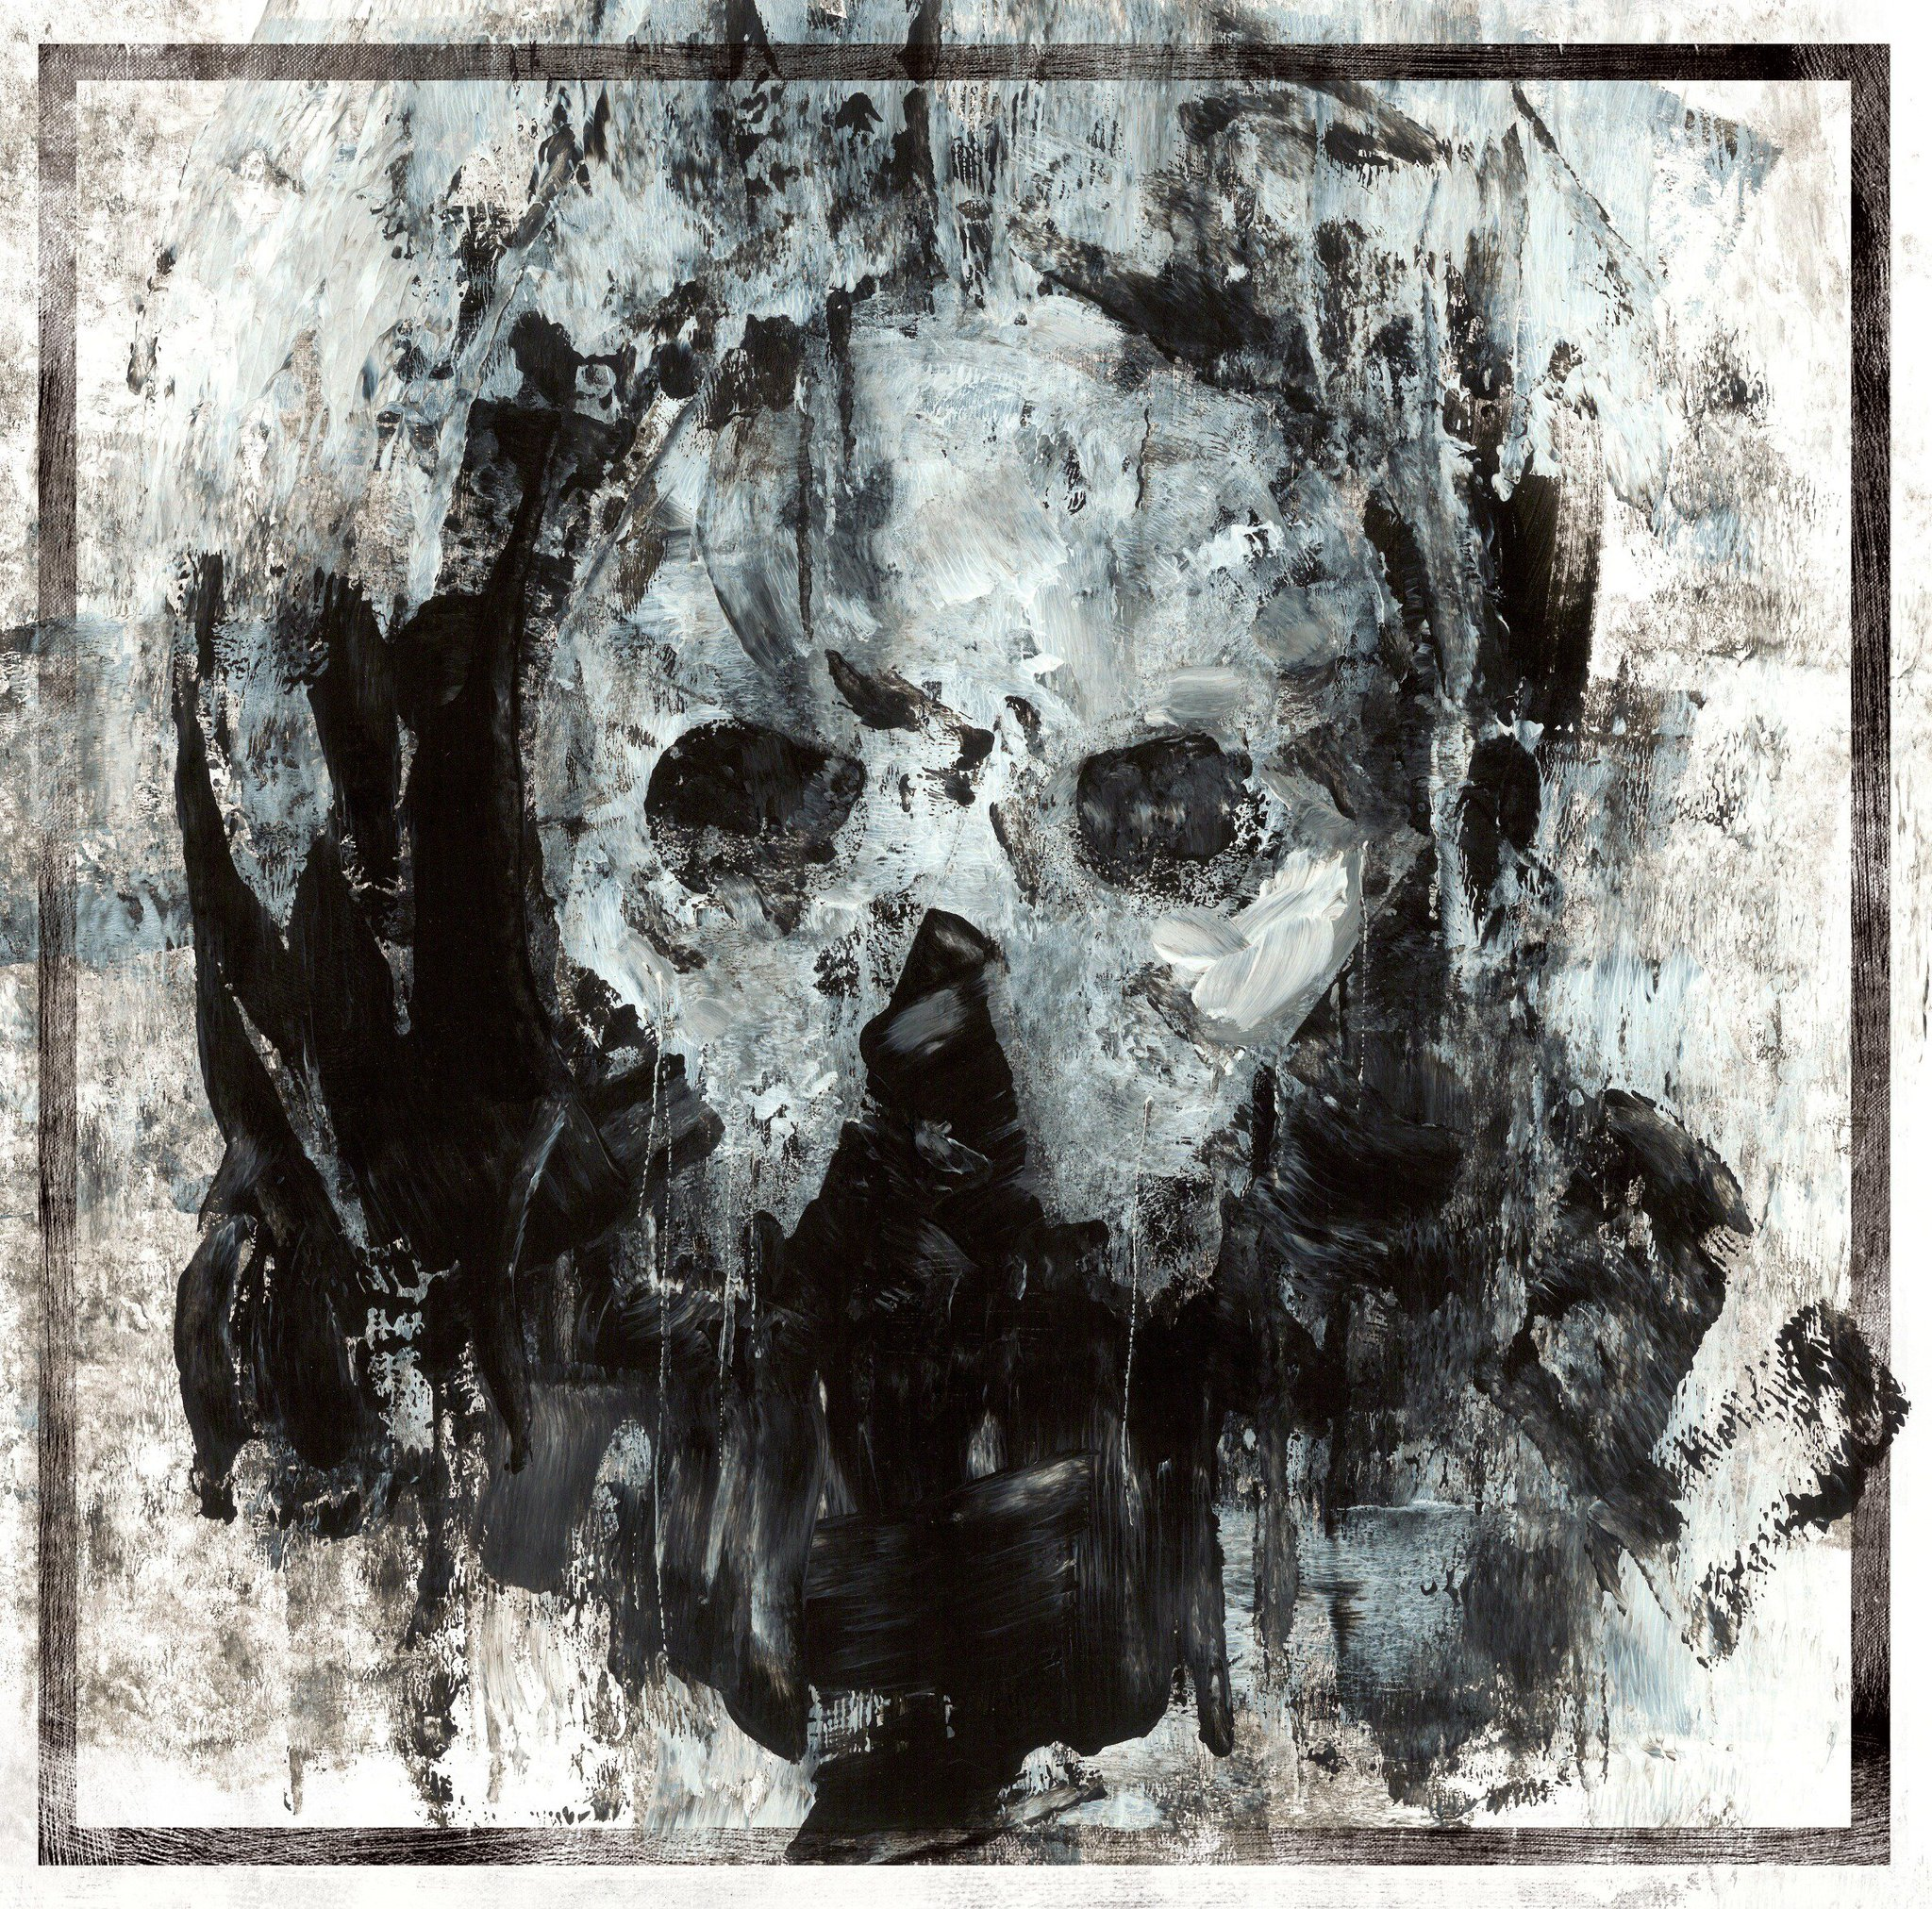 Album Artwork by: Dimitris Leivadiotis